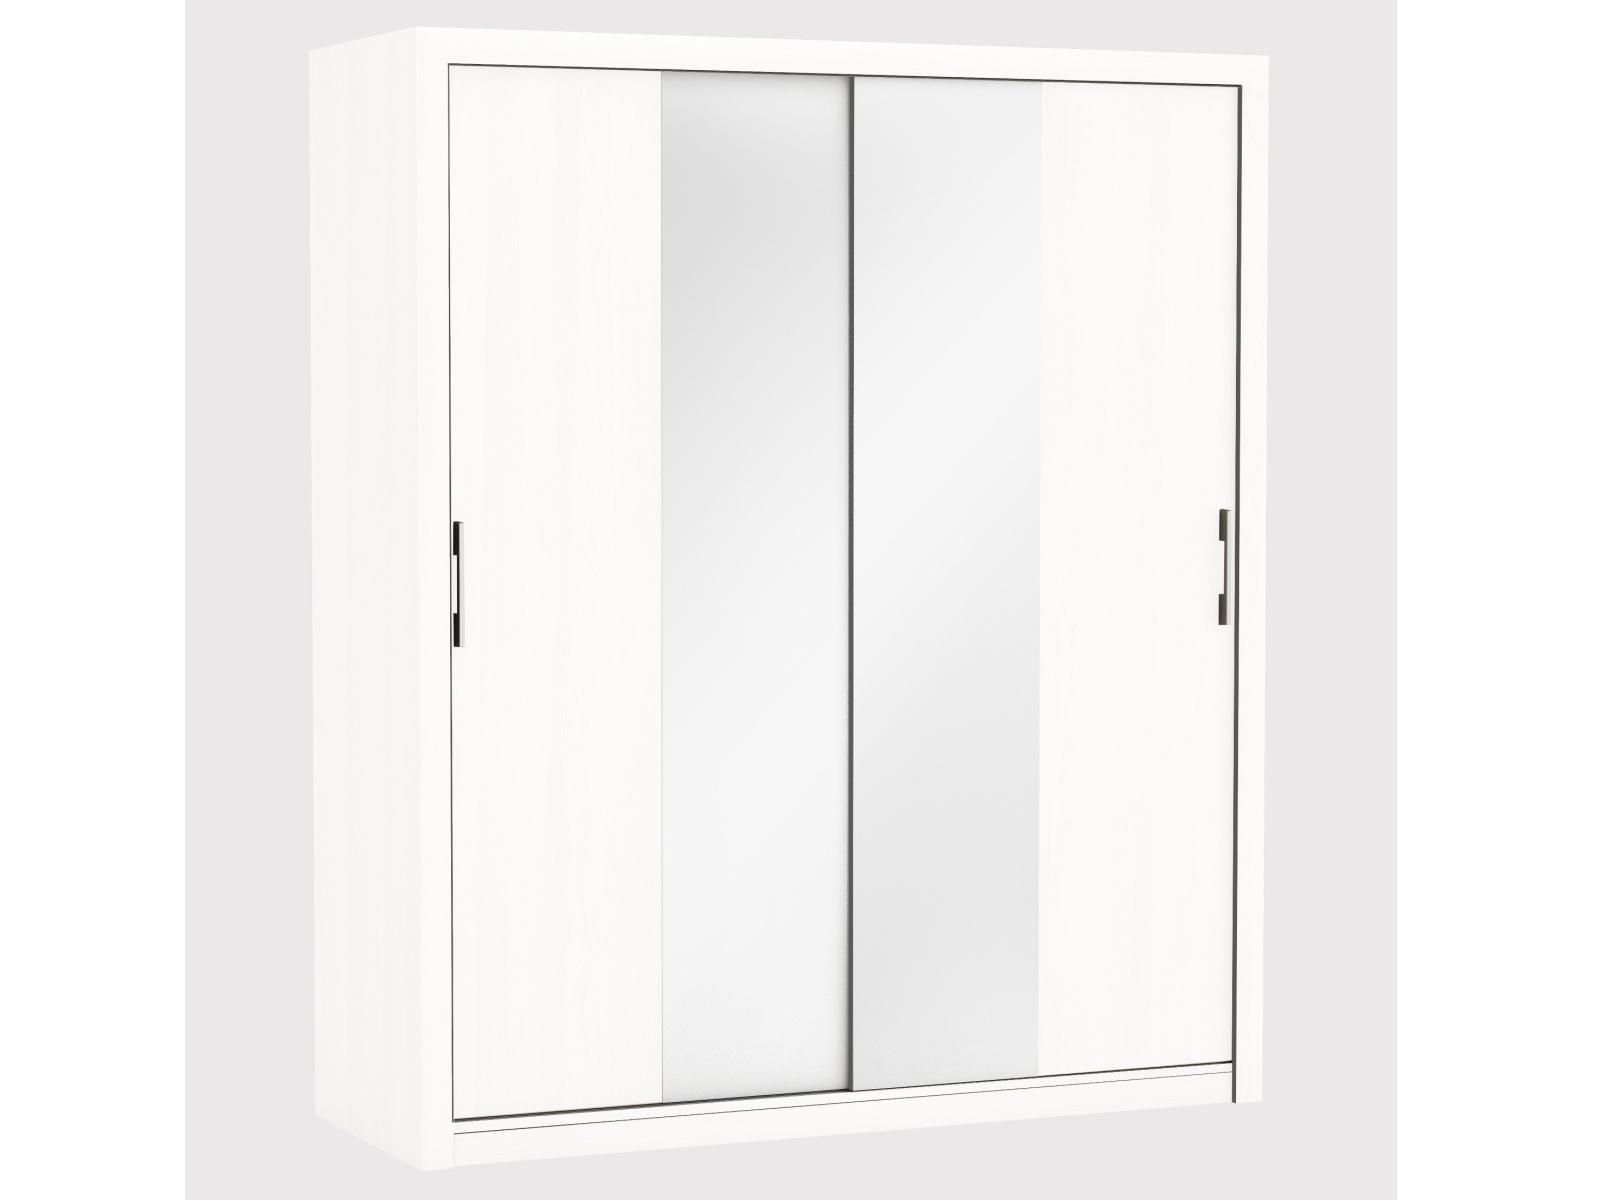 PRETTY2 2 skříň se zrcadlem 170, bílá 2 skříň se zrcadlem 170, bílá